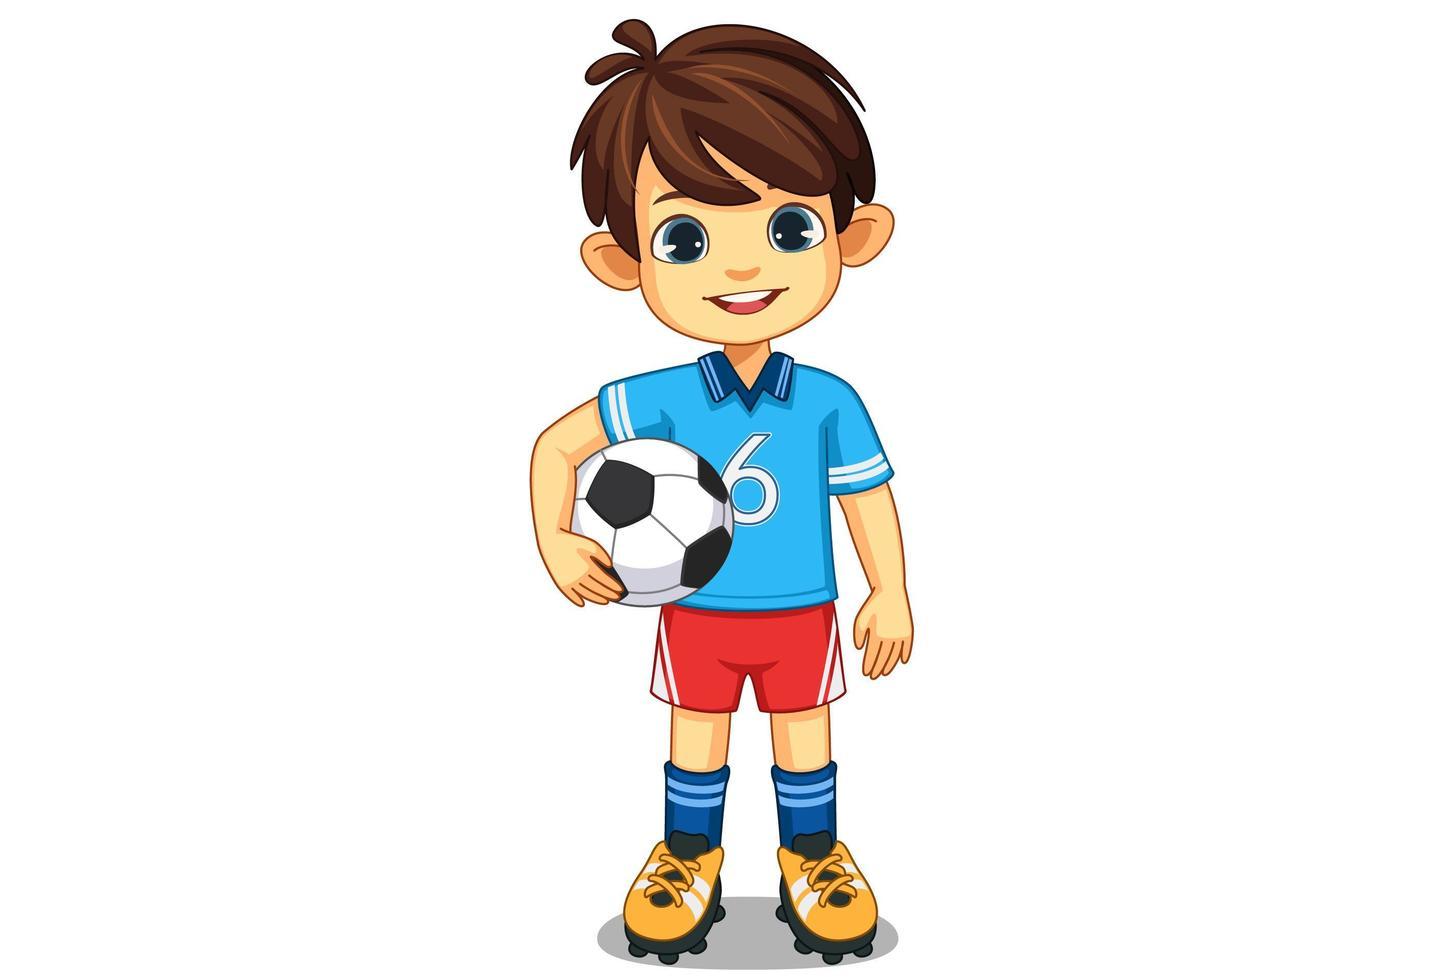 pequeño jugador de fútbol lindo vector